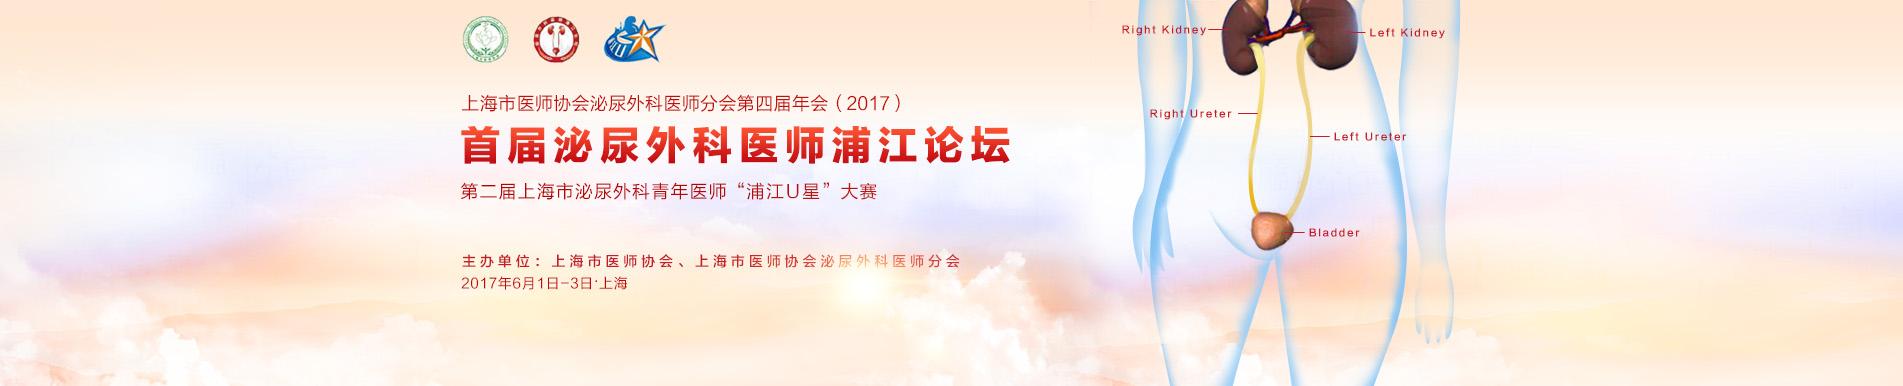 上海市医师协会泌尿外科医师分会第四届年会(2017)